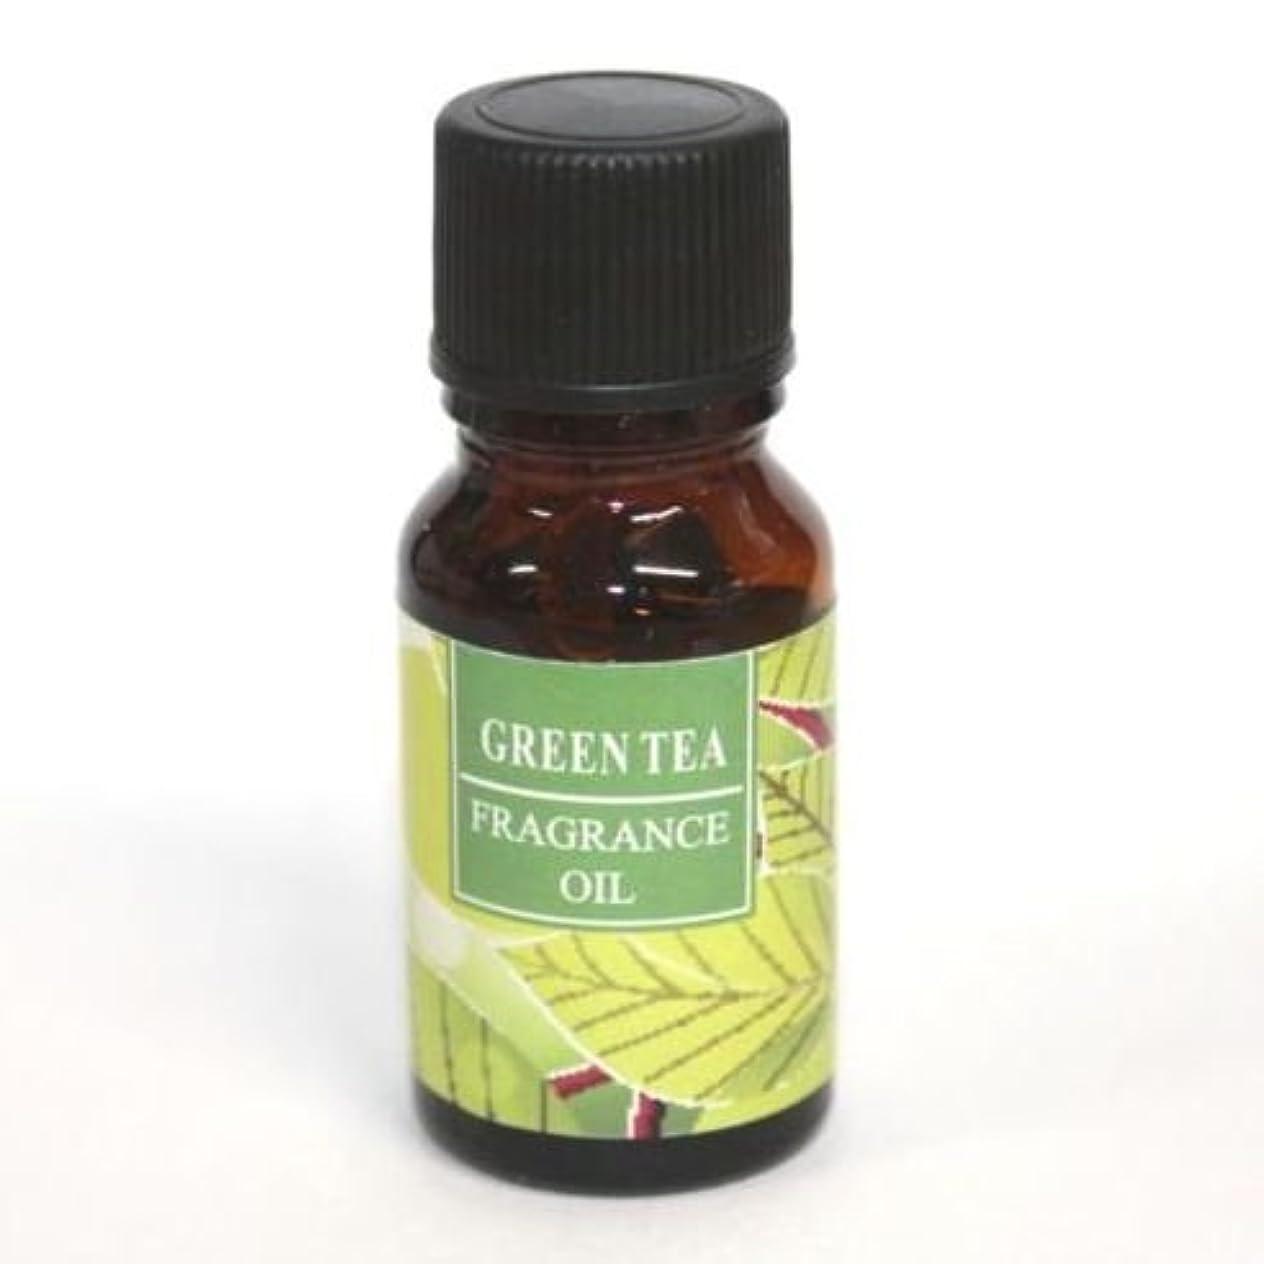 フライカイト葉セラーRELAXING アロマオイル AROMA OIL フレグランスオイル GREEN TEA 緑茶の香り RQ-09